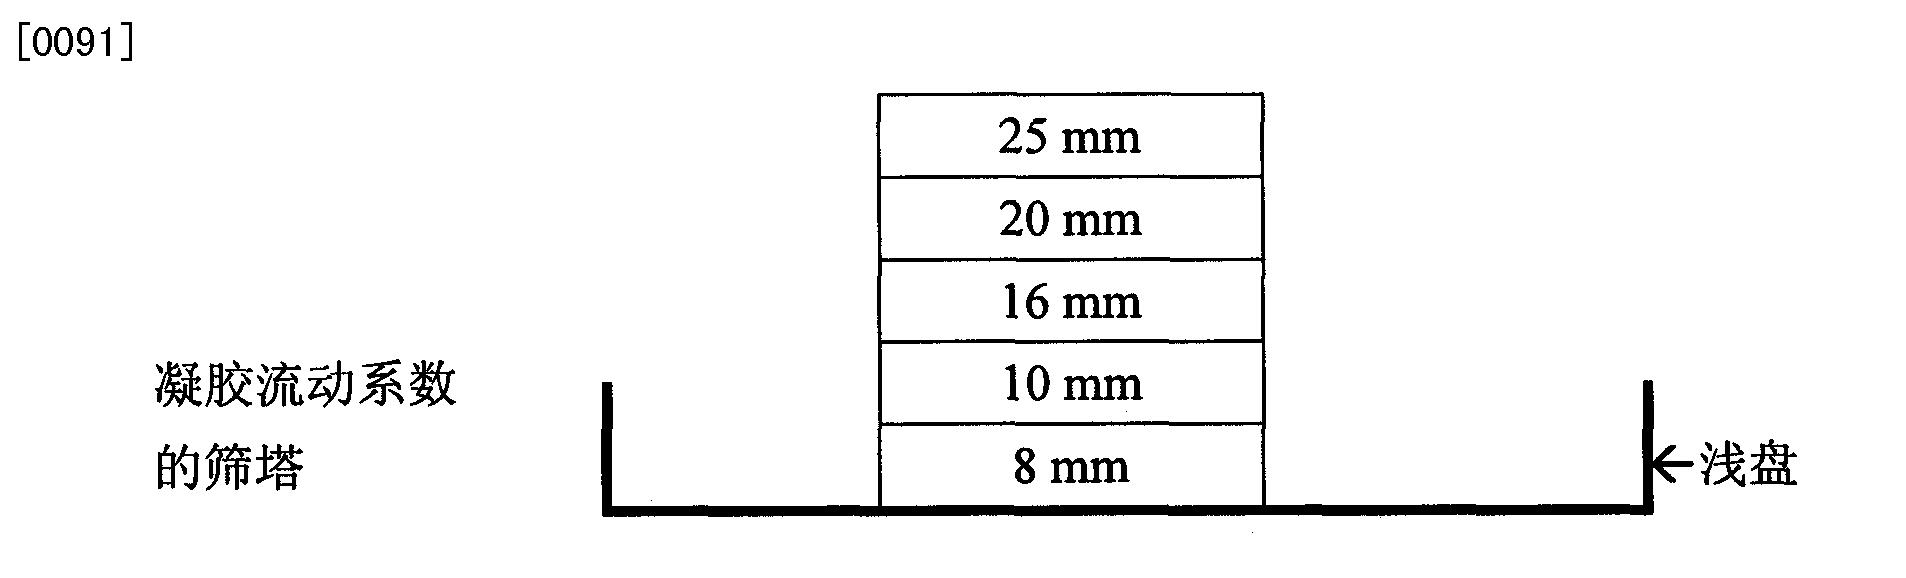 Figure CN102176925BD00121